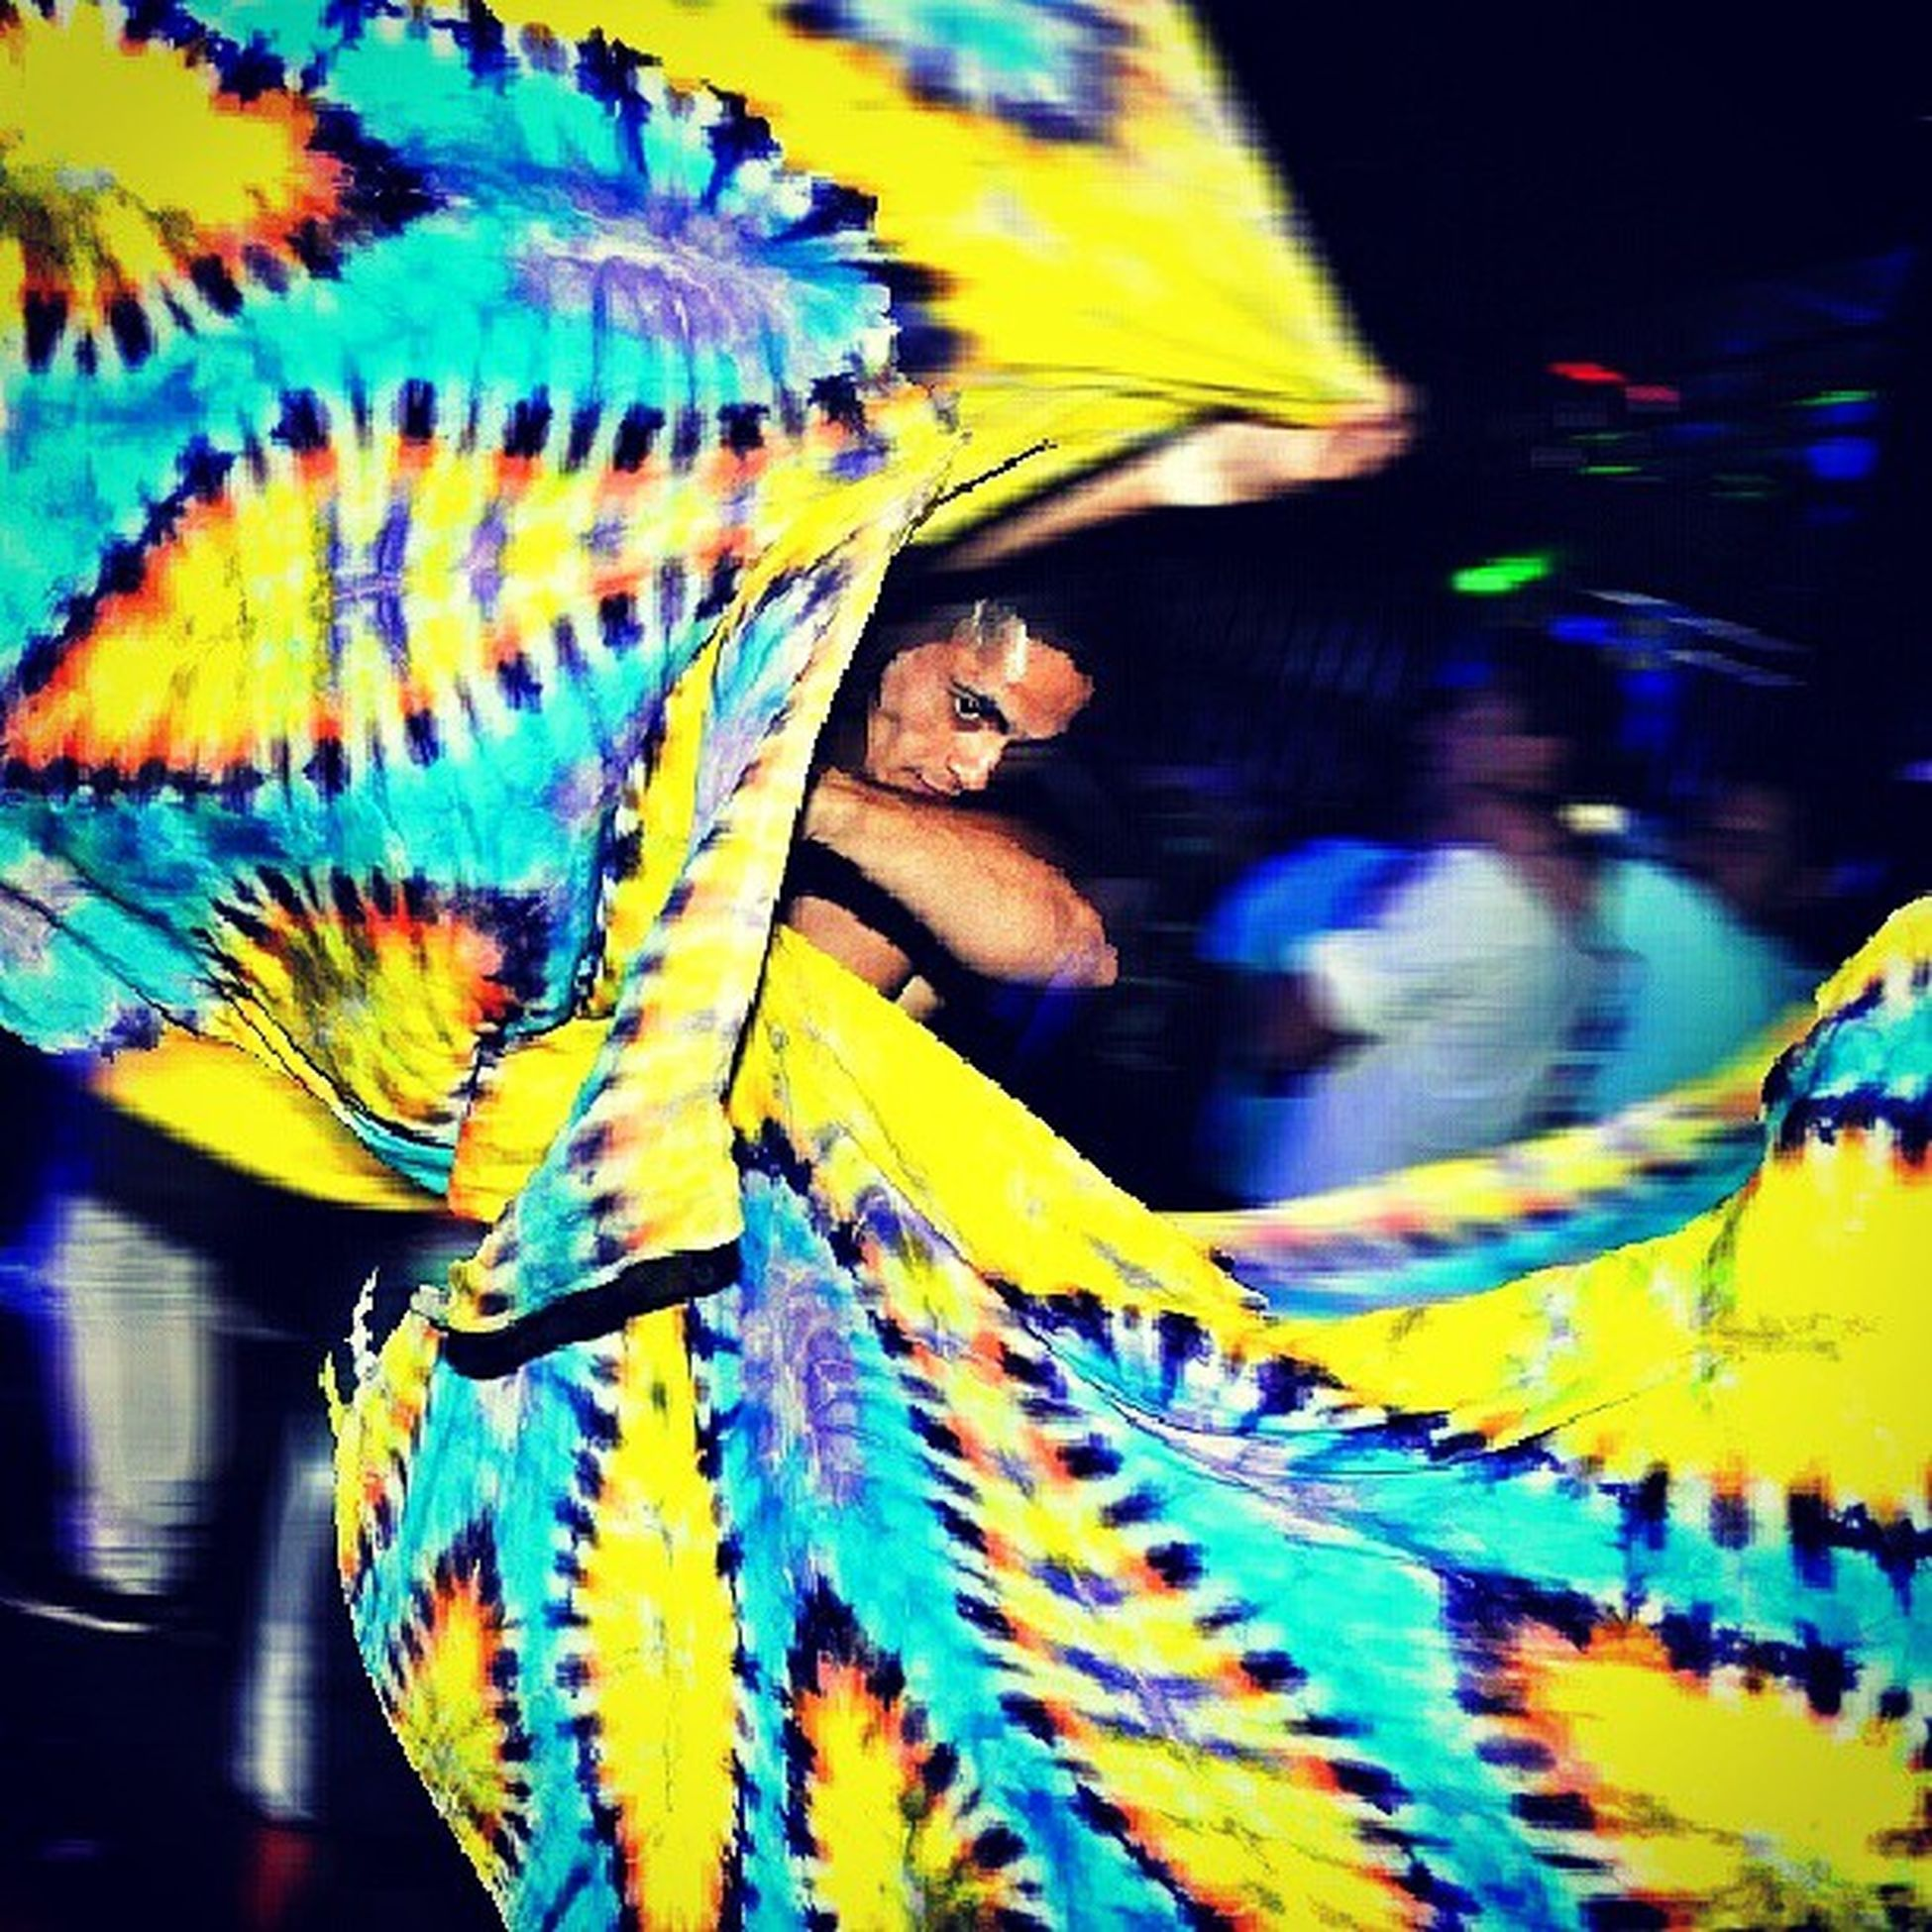 Performance Boategay Boate Gay brazil Brasília victoriahaus vic tevejonavic vem_aqui